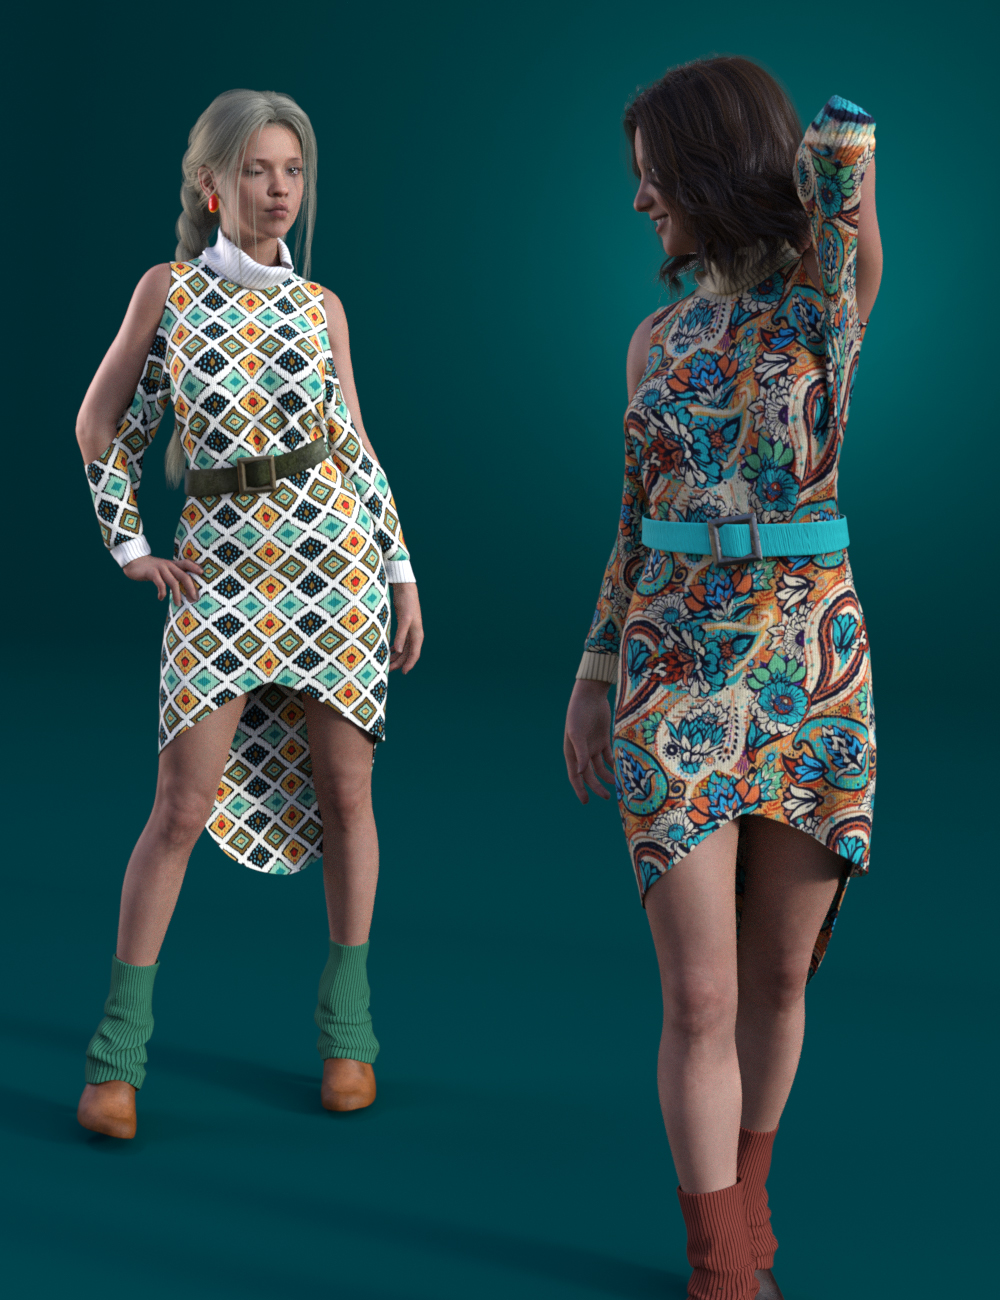 dForce Cold Shoulder: Patterned Knit Textures by: Moonscape GraphicsSade, 3D Models by Daz 3D